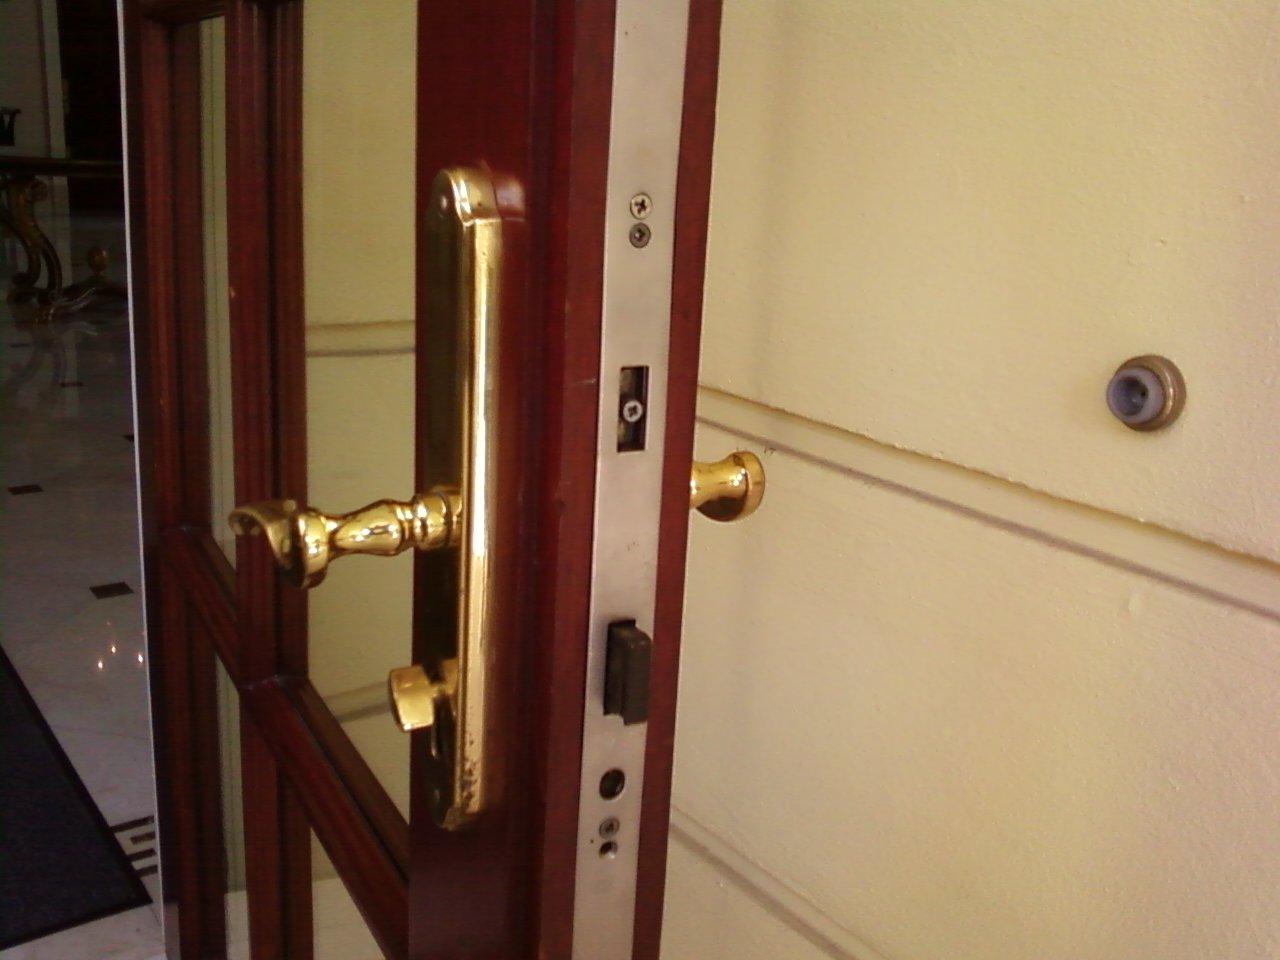 Can You Fix This Door Lock?